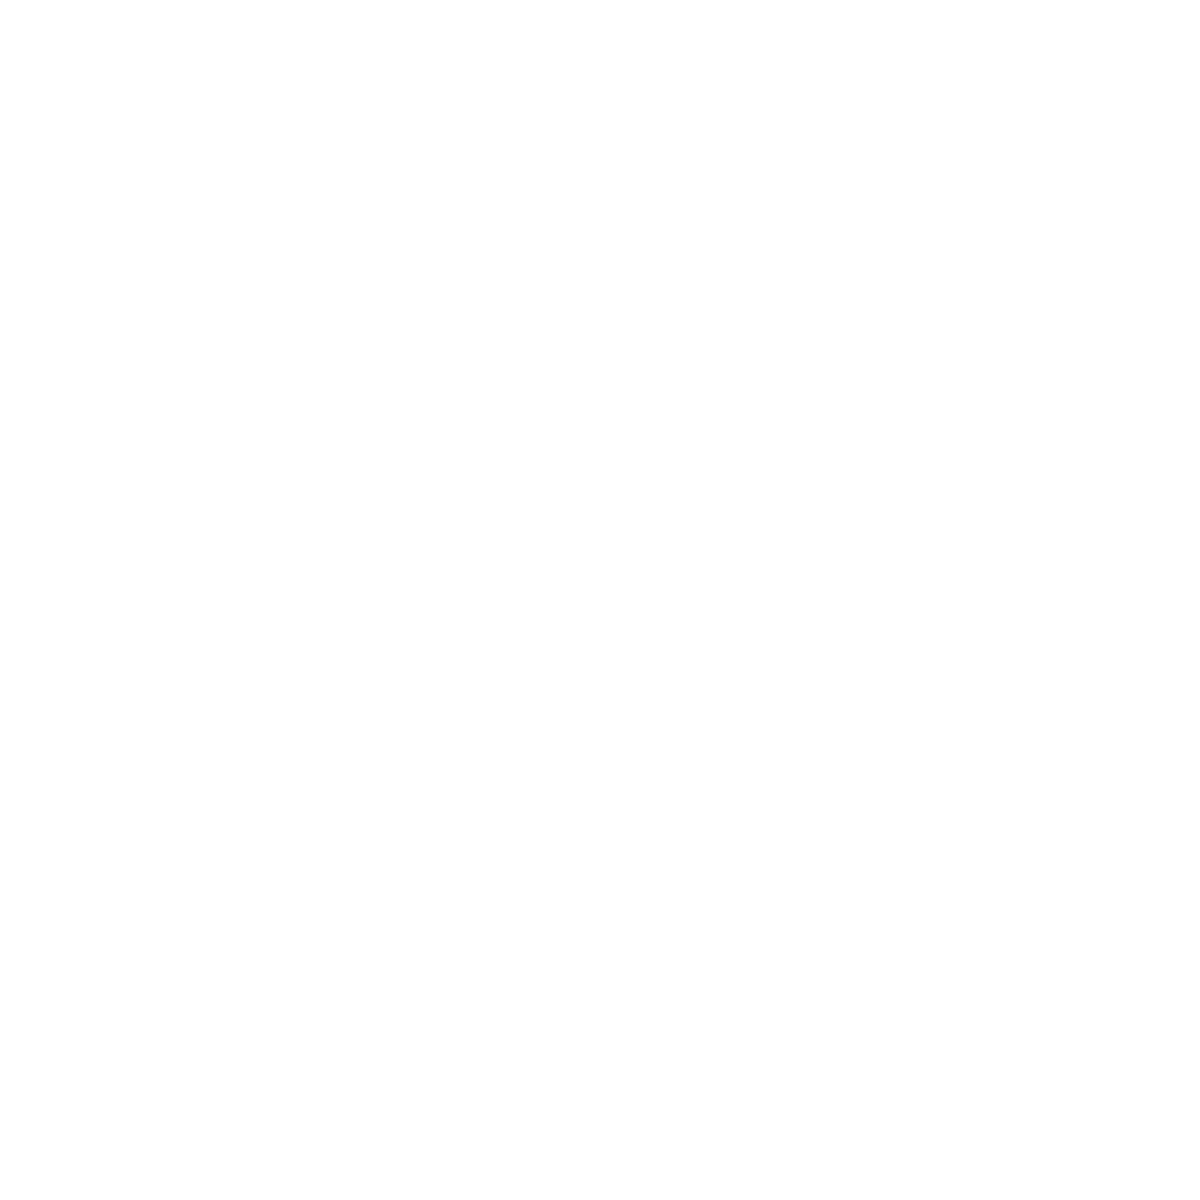 Hajime no ippo season 4 episode 1 english sub